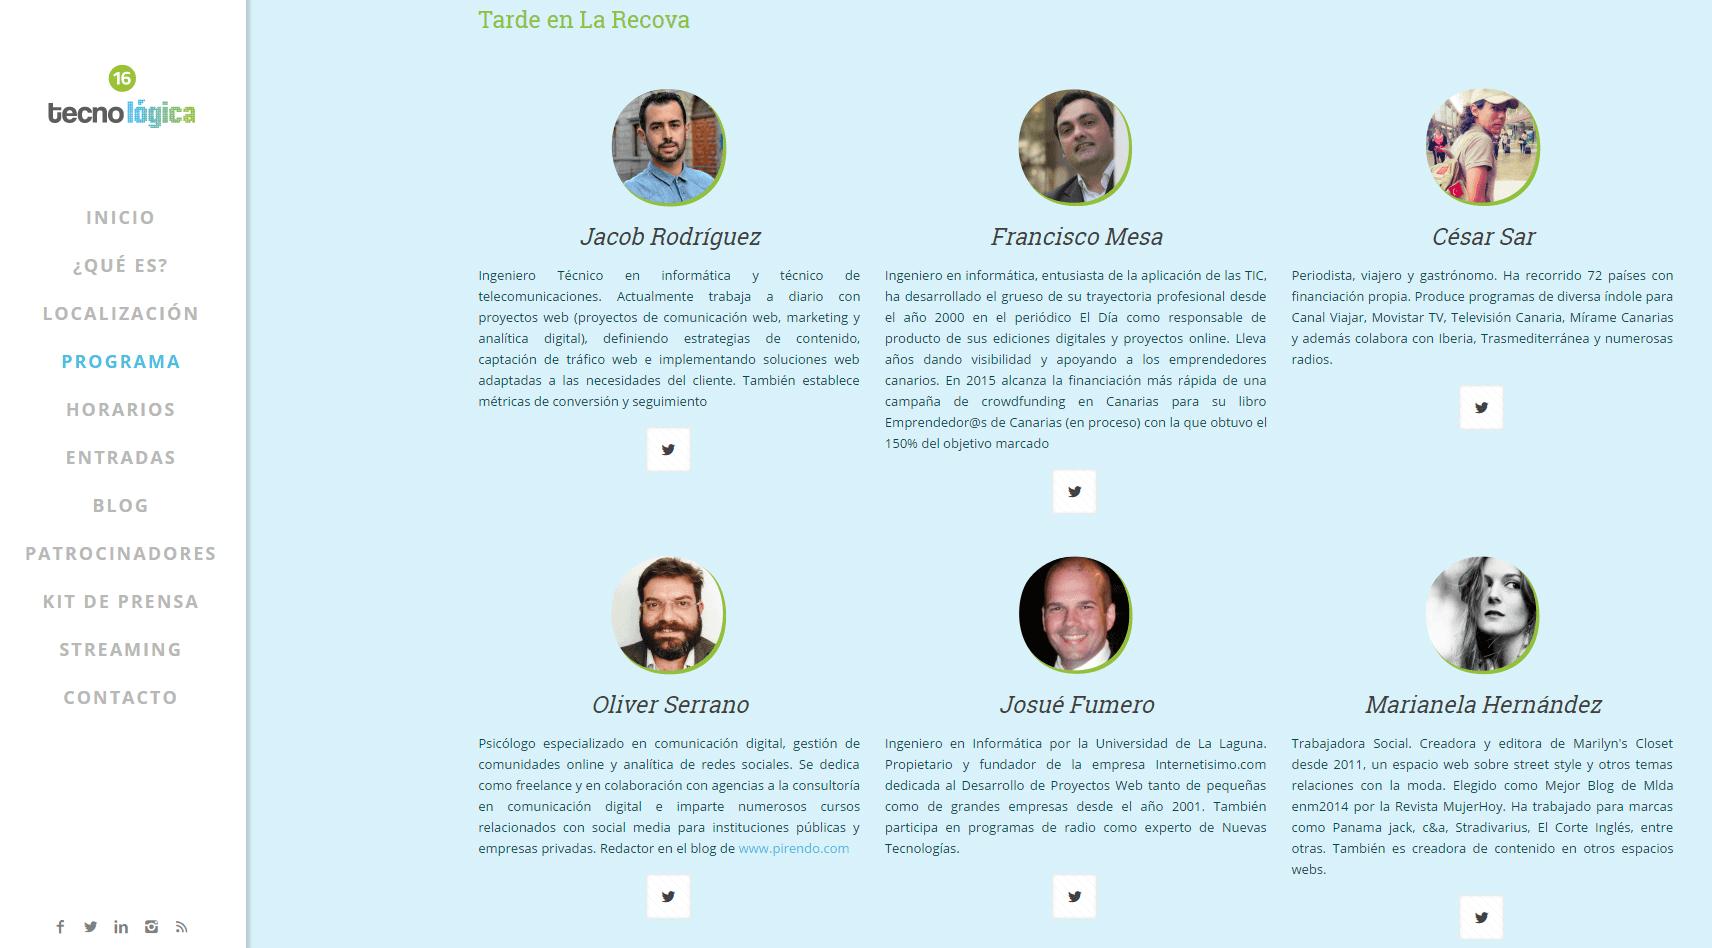 Jacob Rodríguez Torres - Tecnologíca Santa Cruz 2016 - Tarde en la Recova - Analítica digital y soluciones web en Canarias